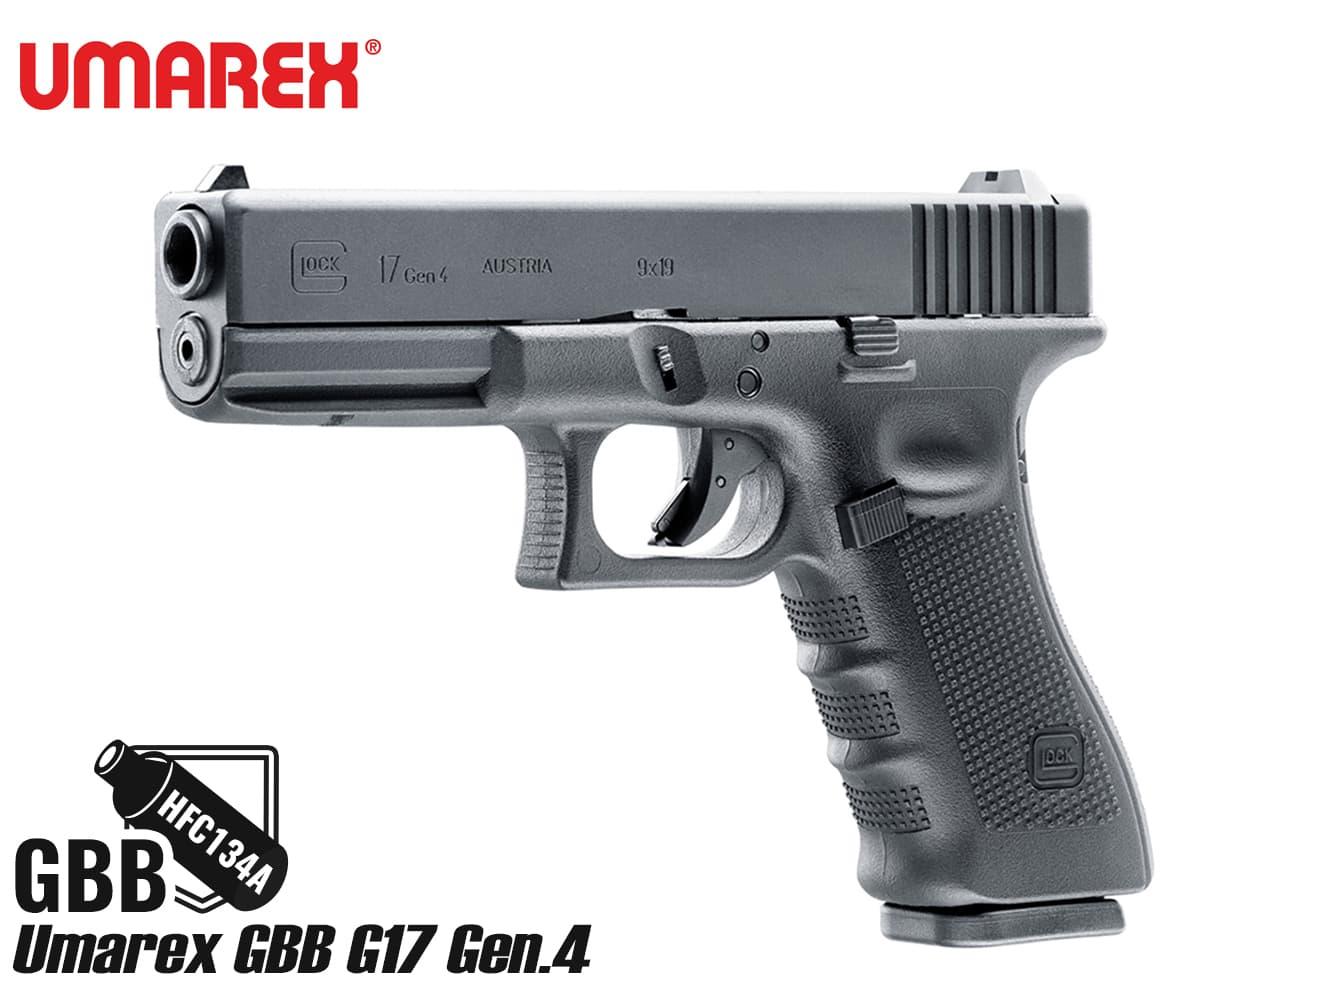 【送料無料】Umarex ガスブローバック グロック G17 Gen.4◆ウマレックス/ユーマレックス/GLOCK/正規品/18才以上対象/ガスブロ/GBB